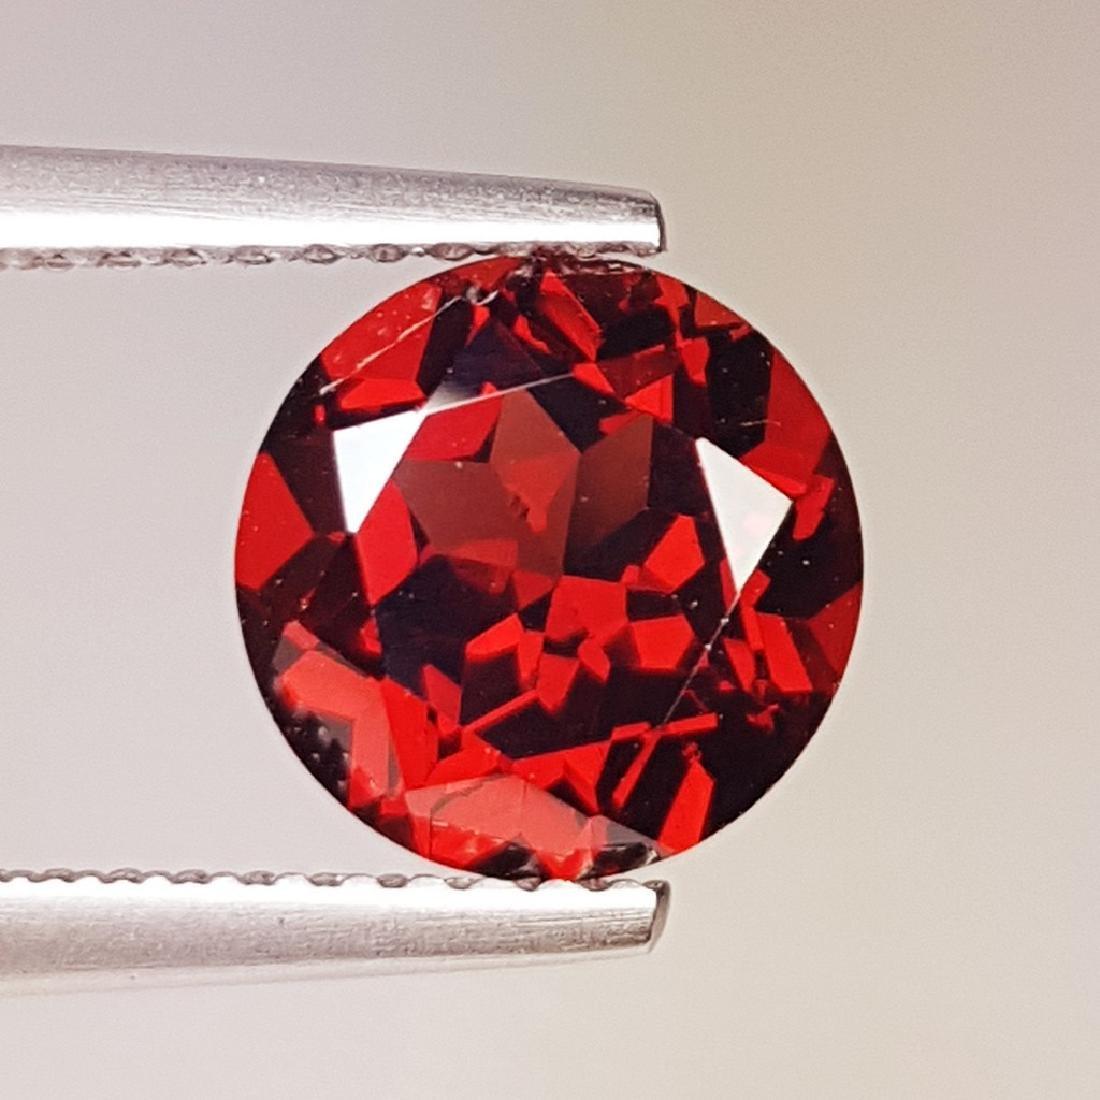 2.42 ct Fantastic Natural Pyrope - Almandite Red Garnet